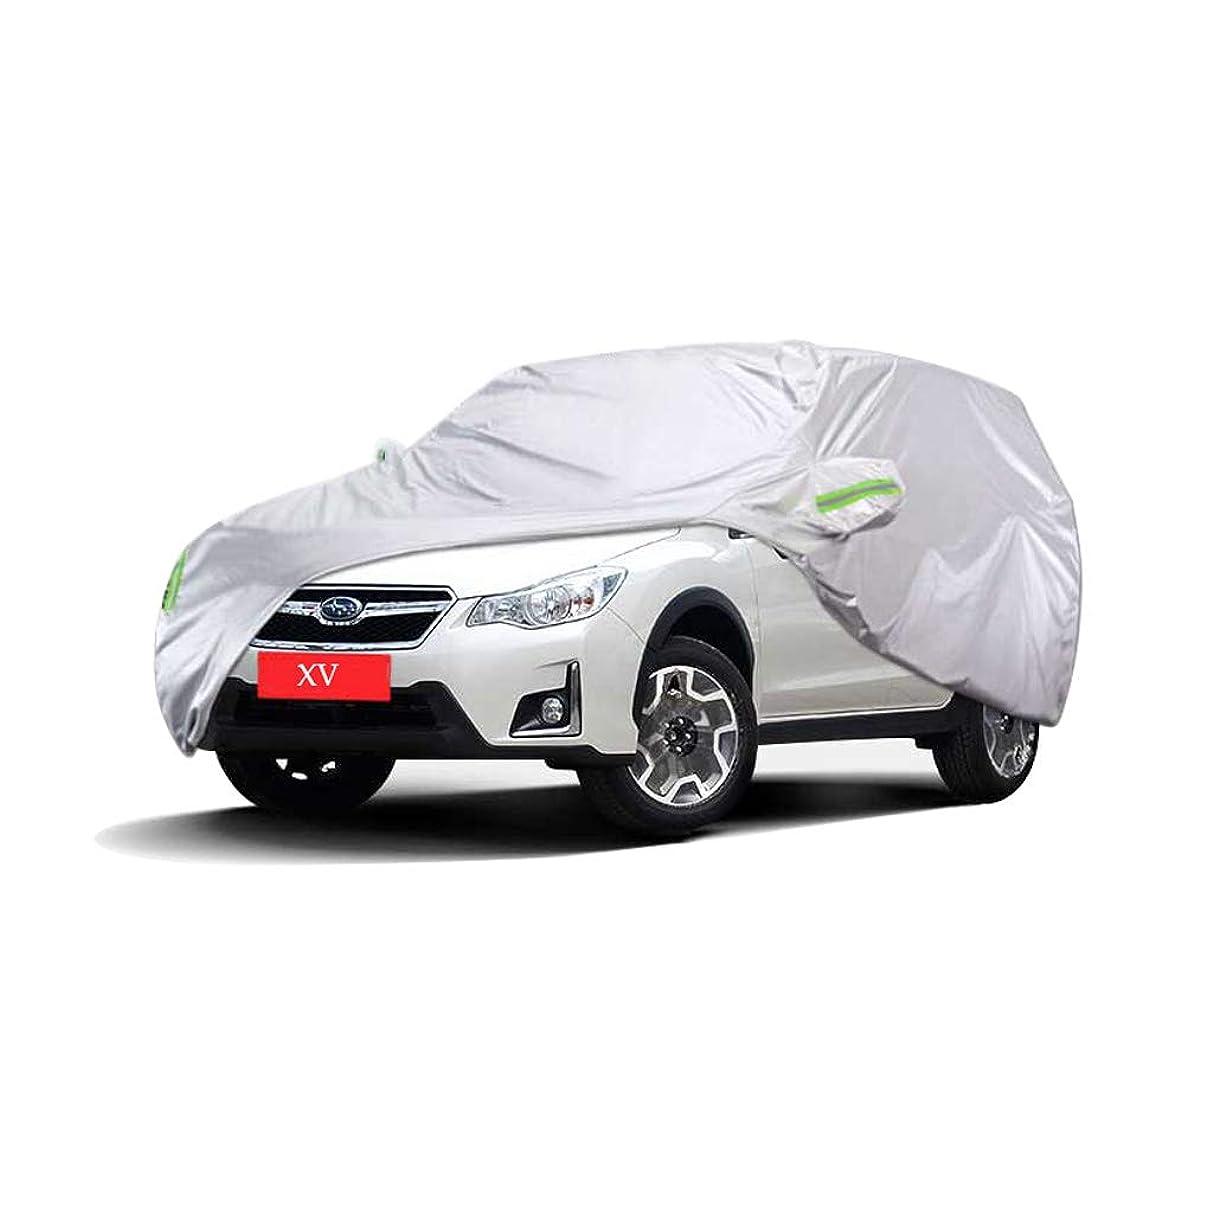 王室換気するアドバイス車のカバー スバルXVスペシャルカーカバーSUV厚いオックスフォード布日焼け止め防雨暖かいカバーカーカバー (サイズ さいず : 2016)